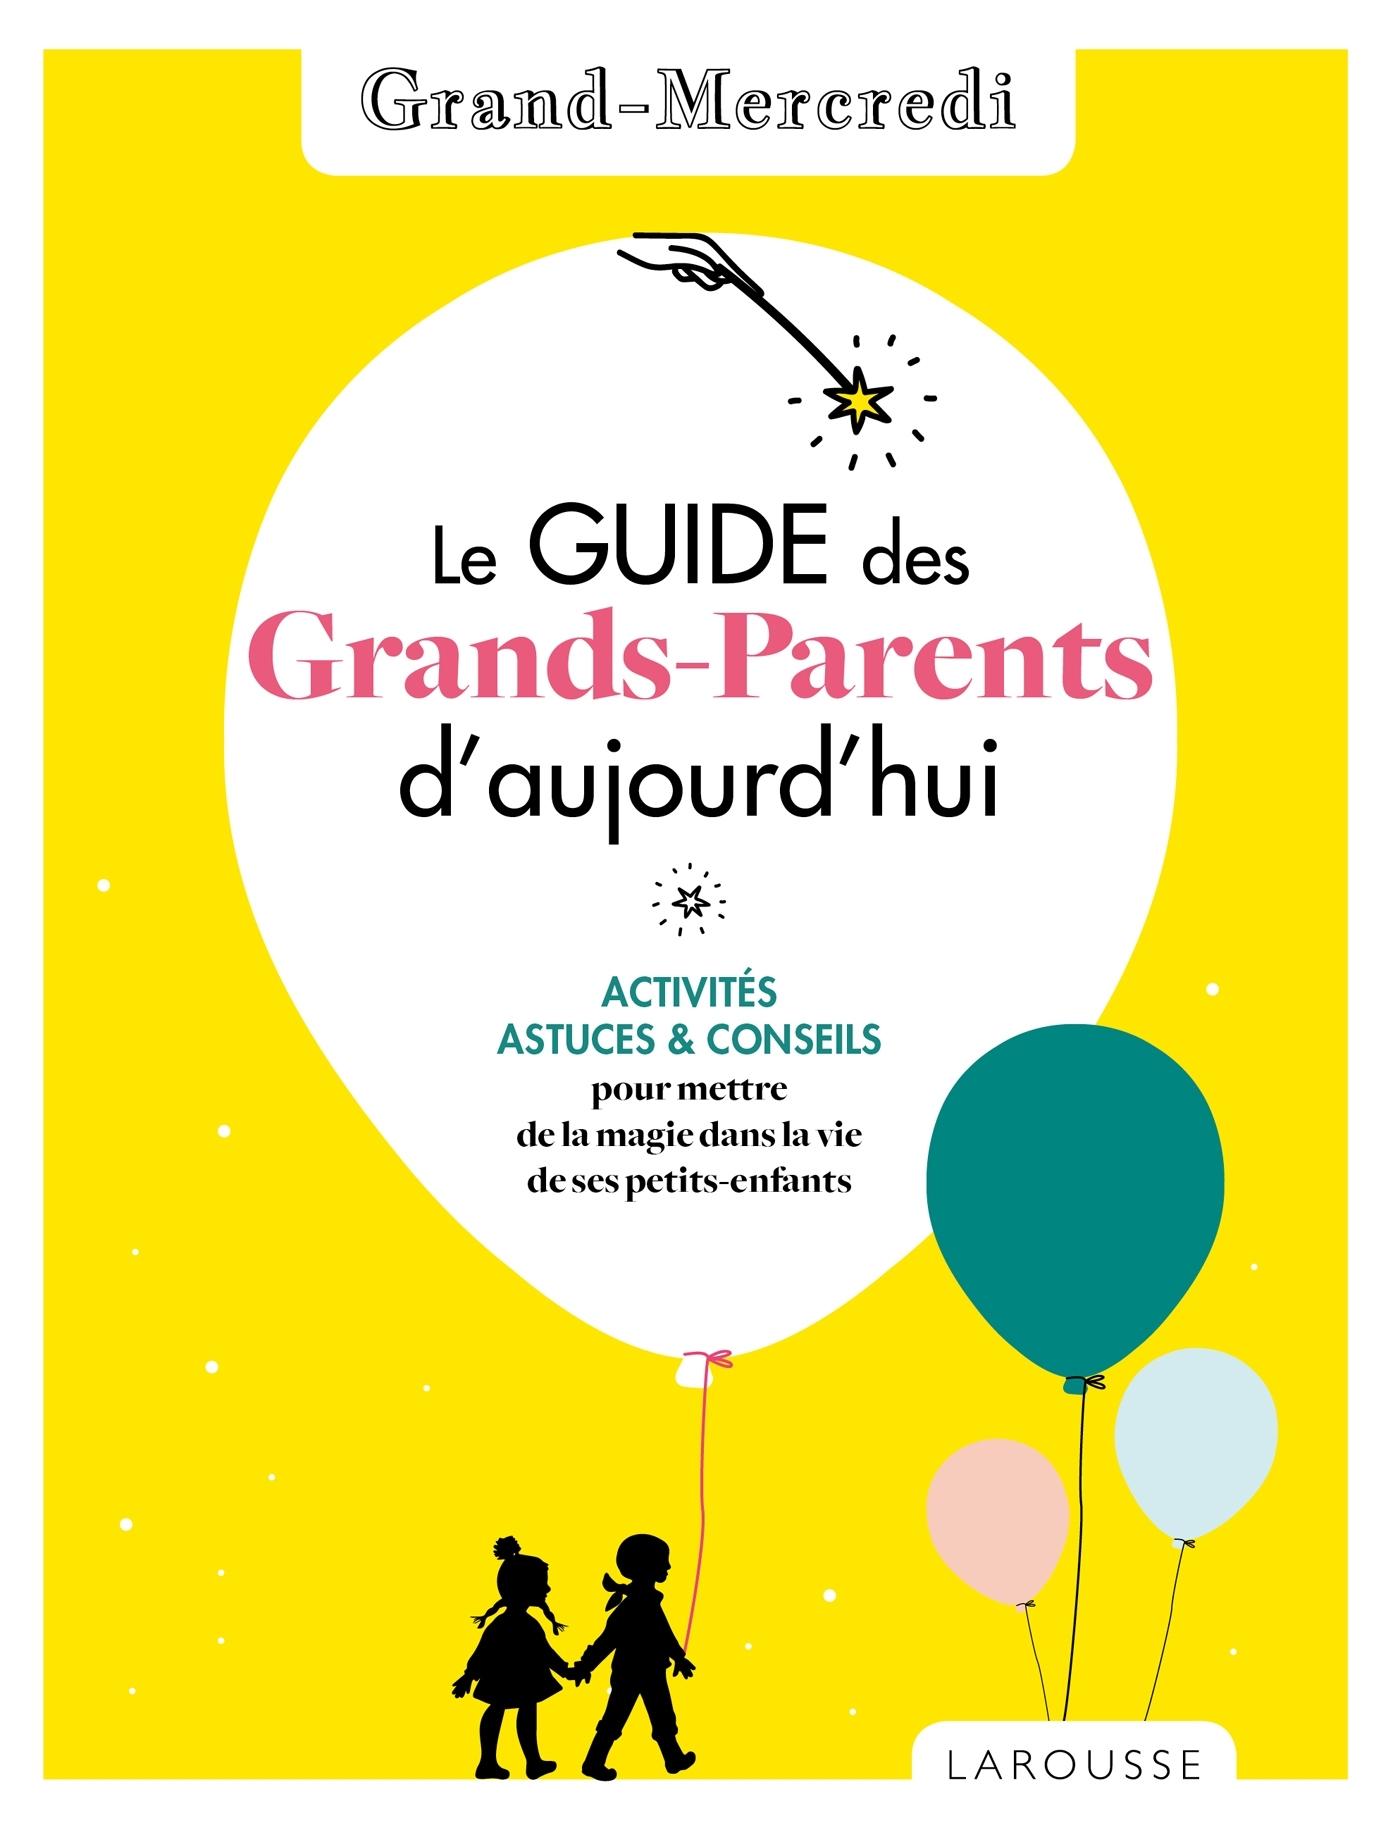 LE GUIDE DES GRANDS-PARENTS D'AUJOURD'HUI PAR GRAND MERCREDI